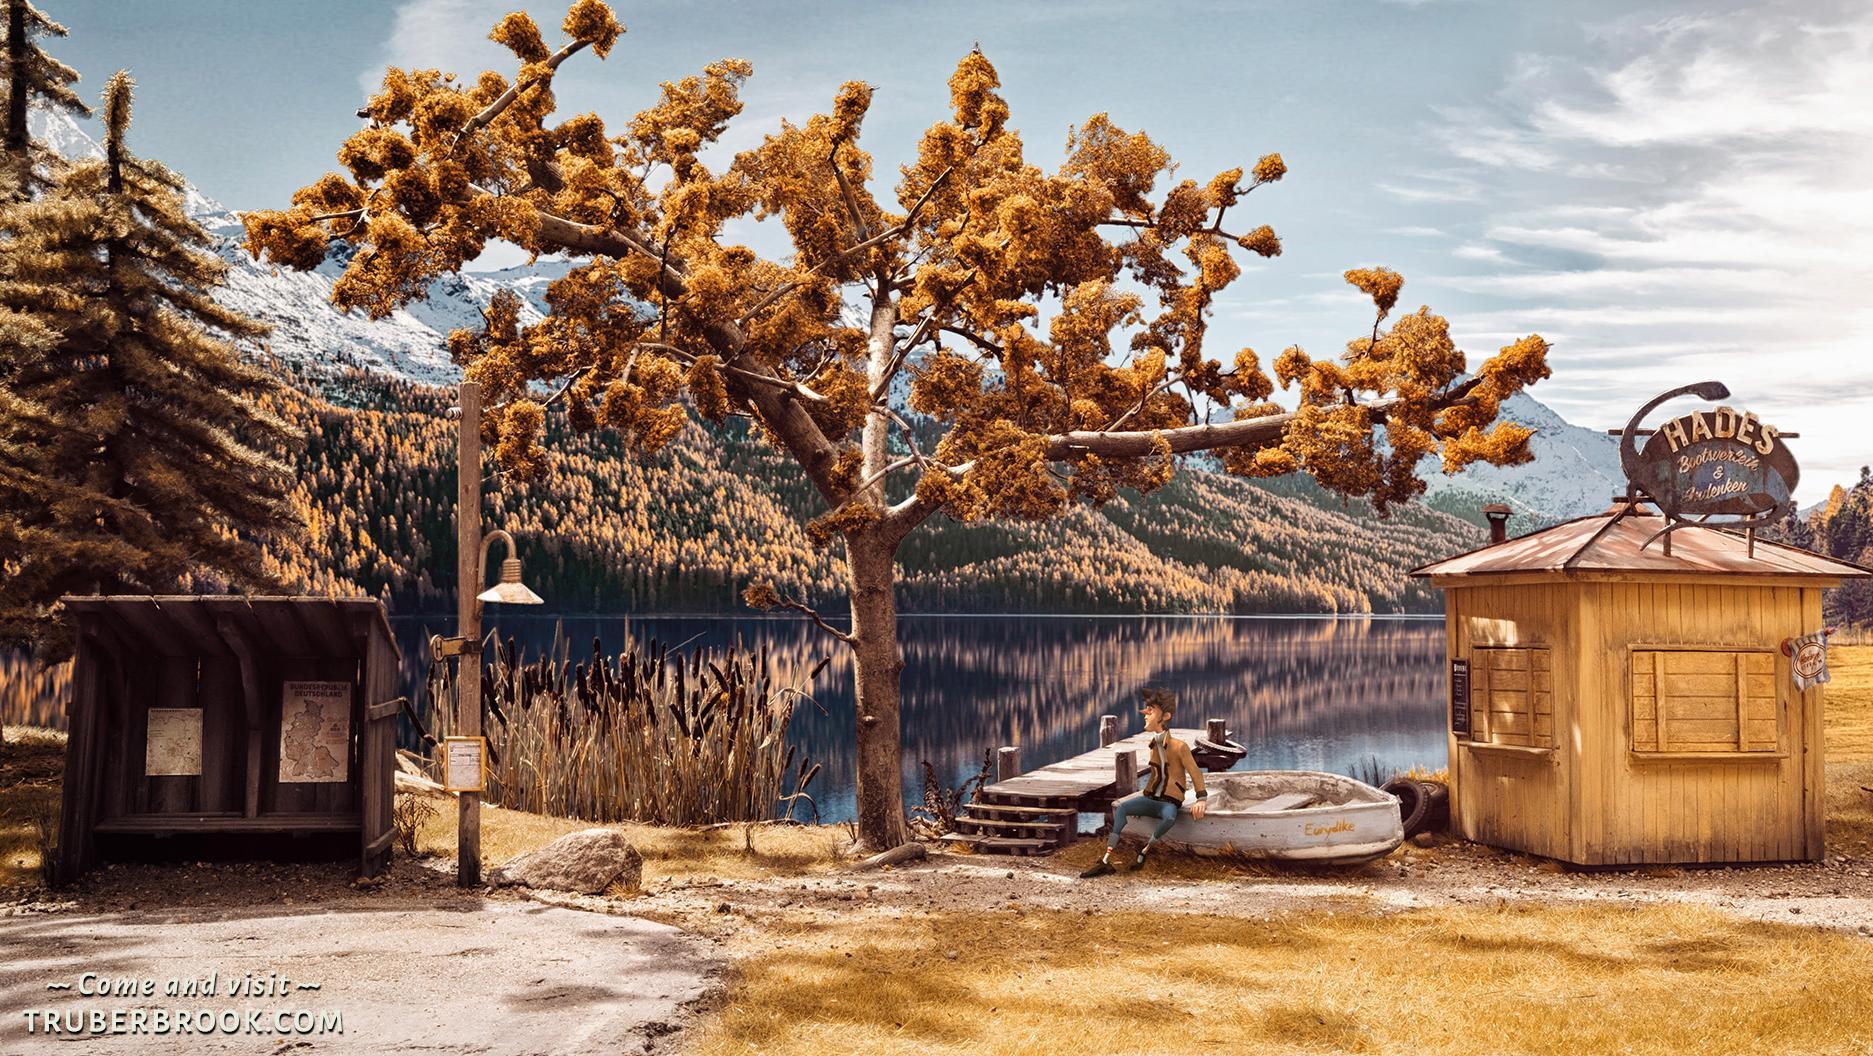 Trüberbrook - von der Serie Twin Peaks inspiriert